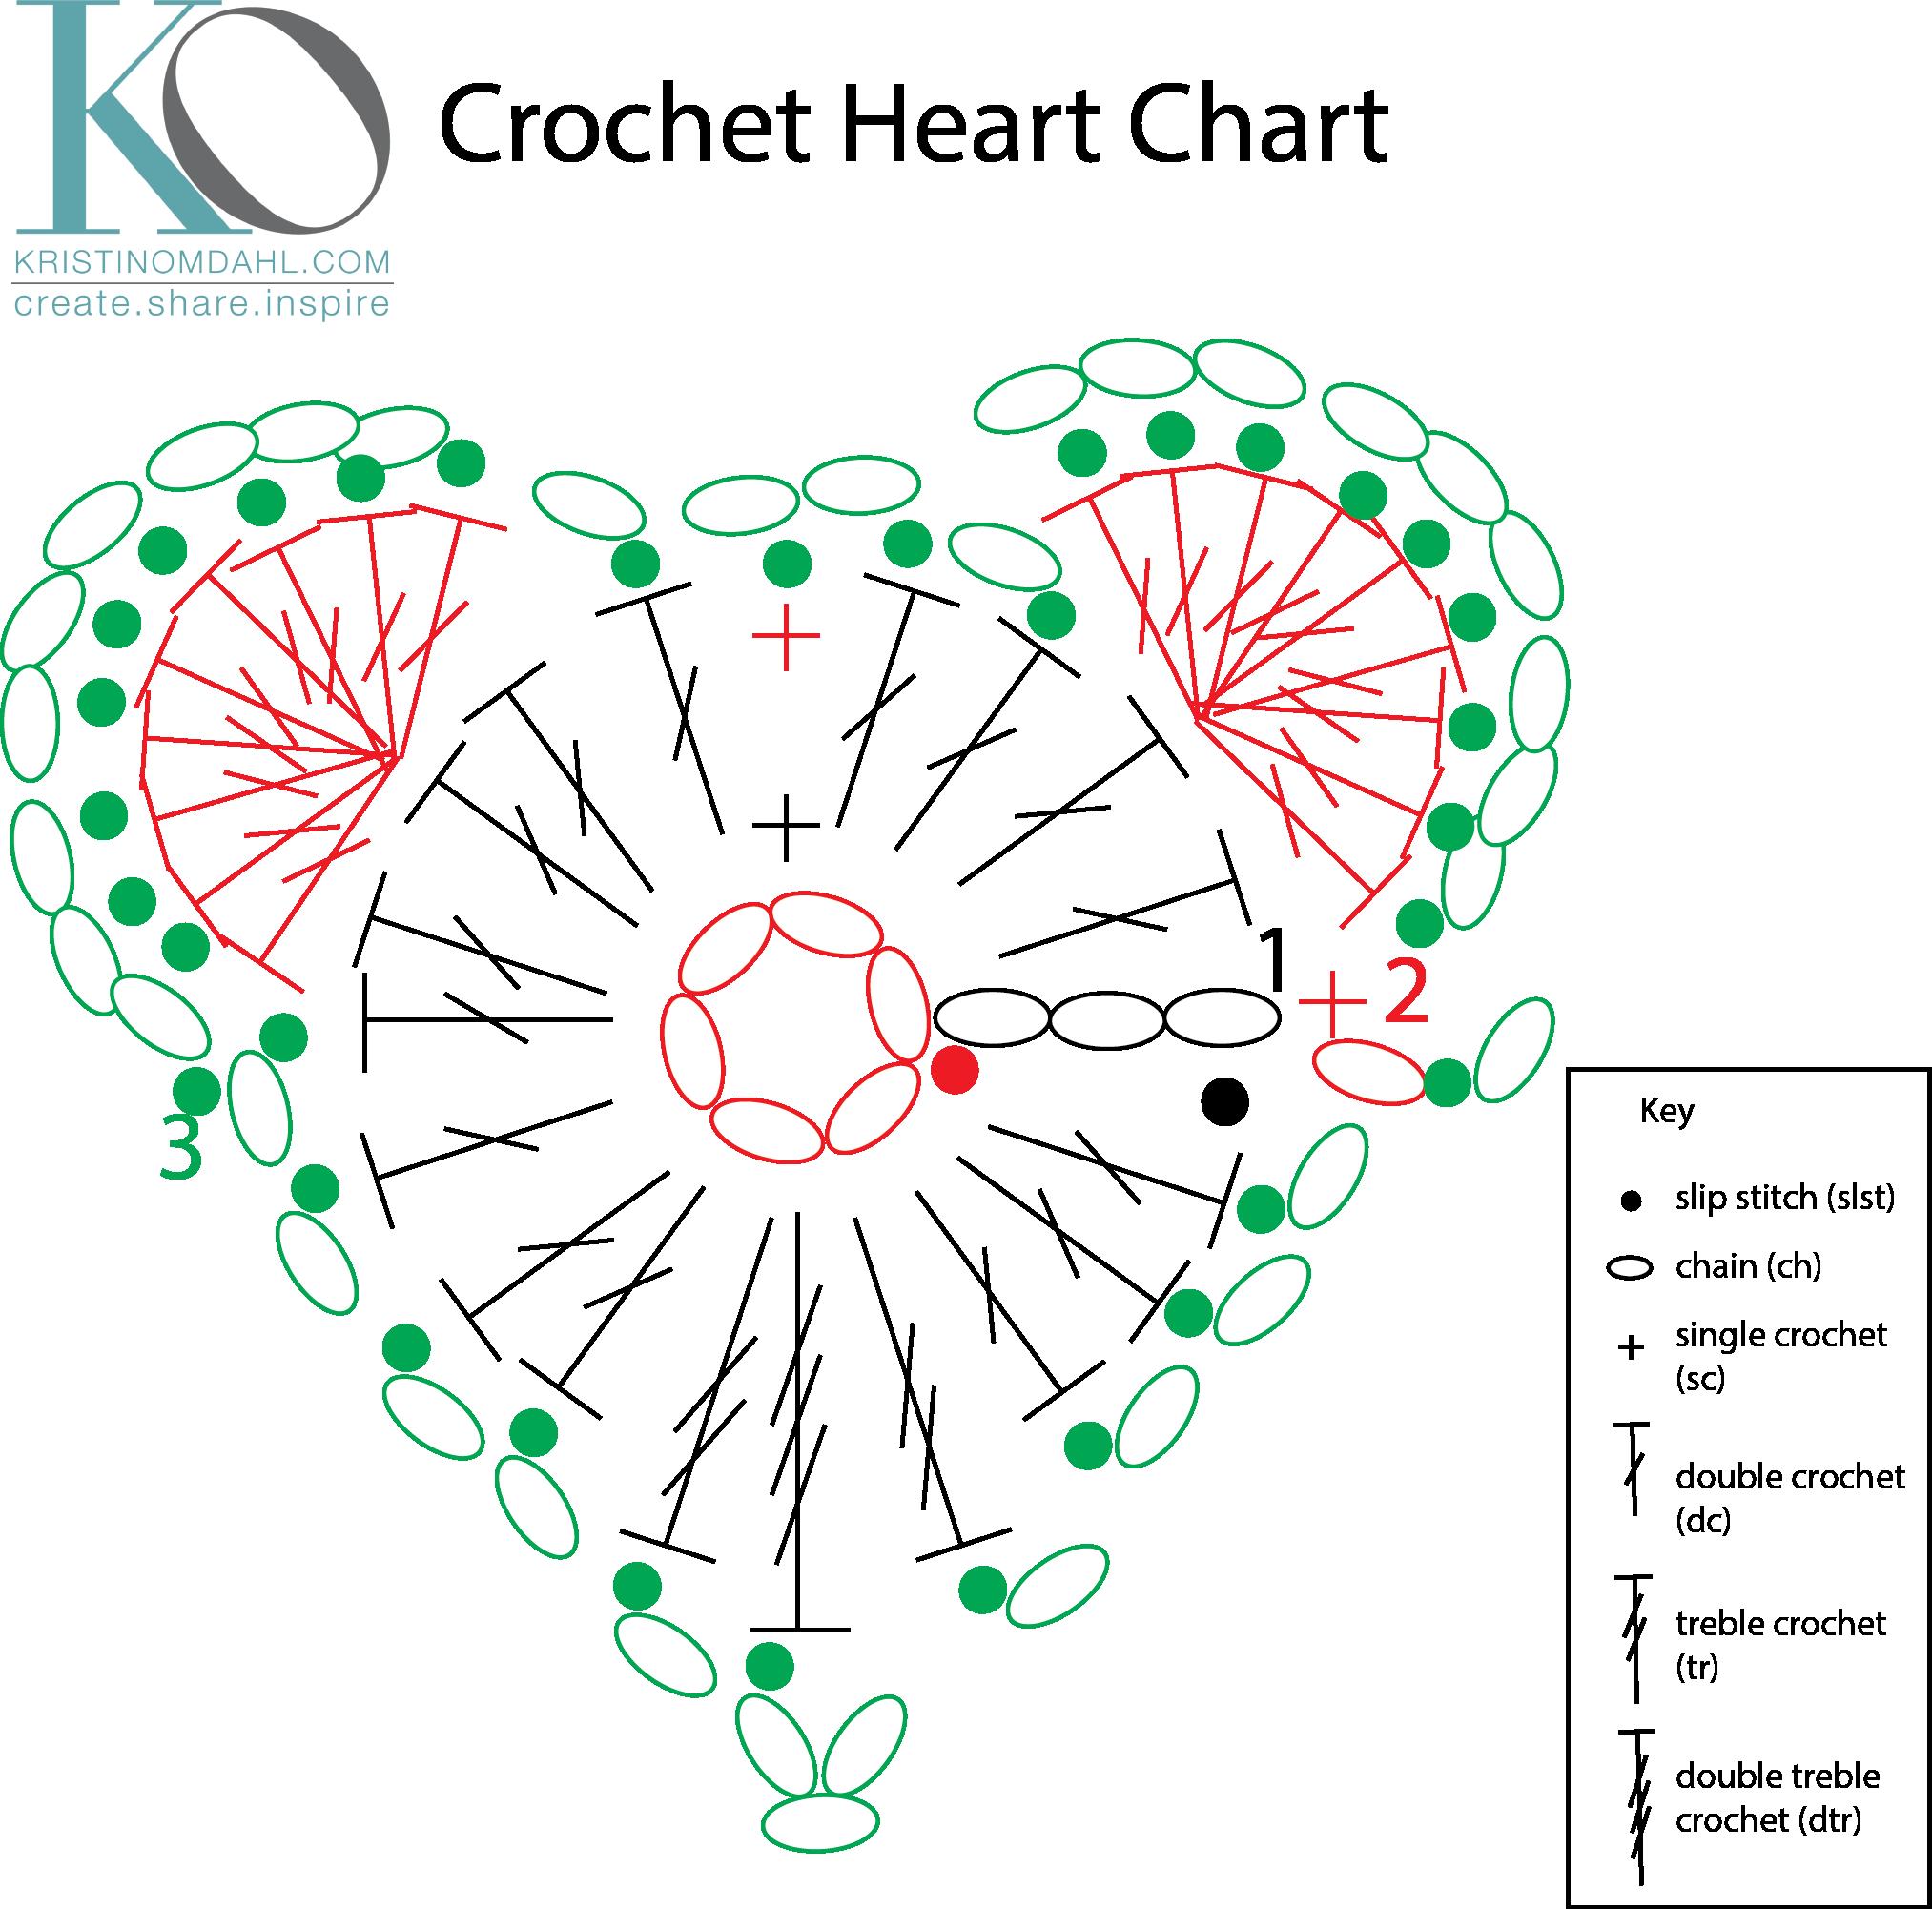 Crochet Heart Chart.png